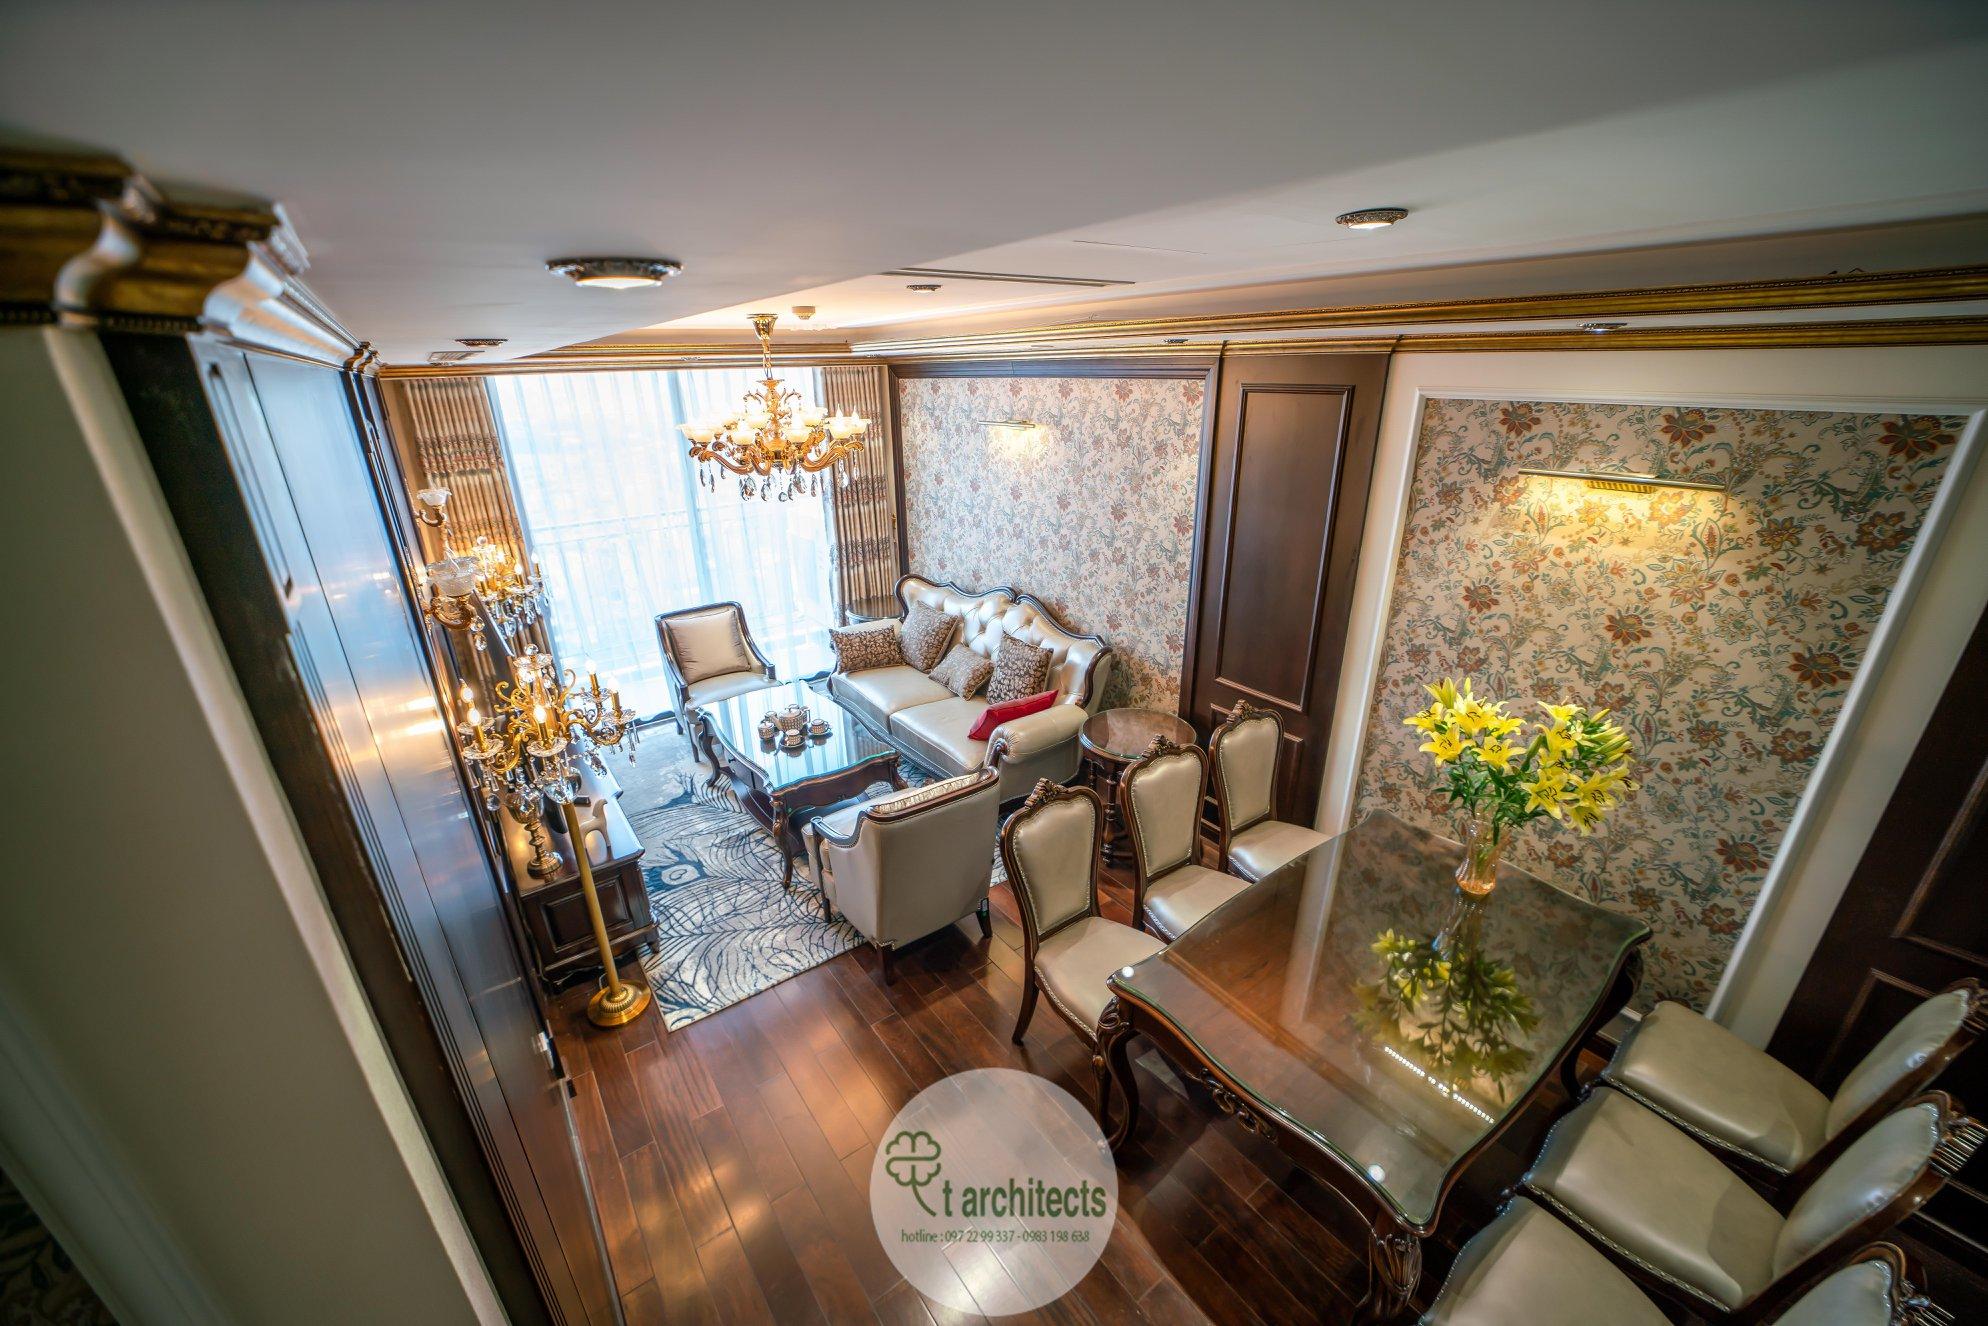 Thiết kế nội thất Chung Cư tại Hà Nội Thiết kế 6 căn hộ mẫu chung cư HC GOLDEN CITY 1589766598 0